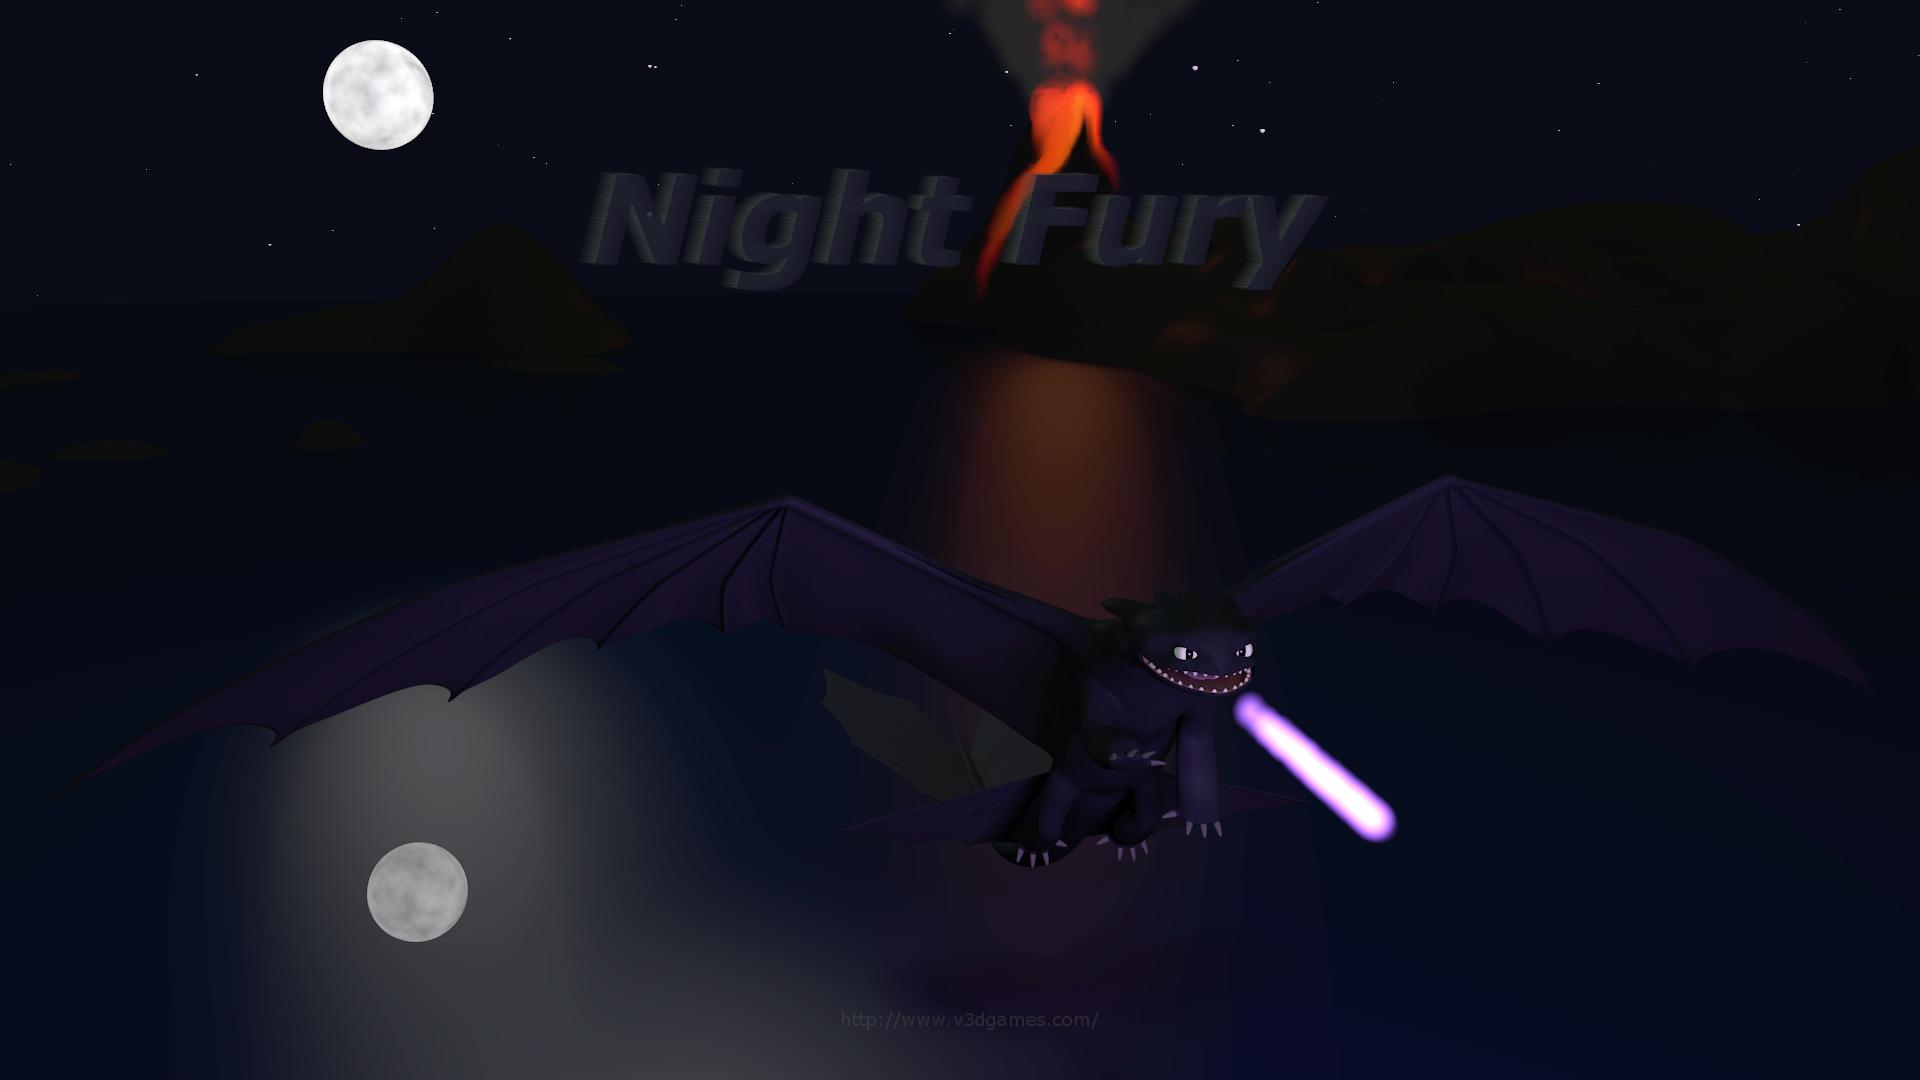 Night Fury 1080 BG1 V3D 1920x1080